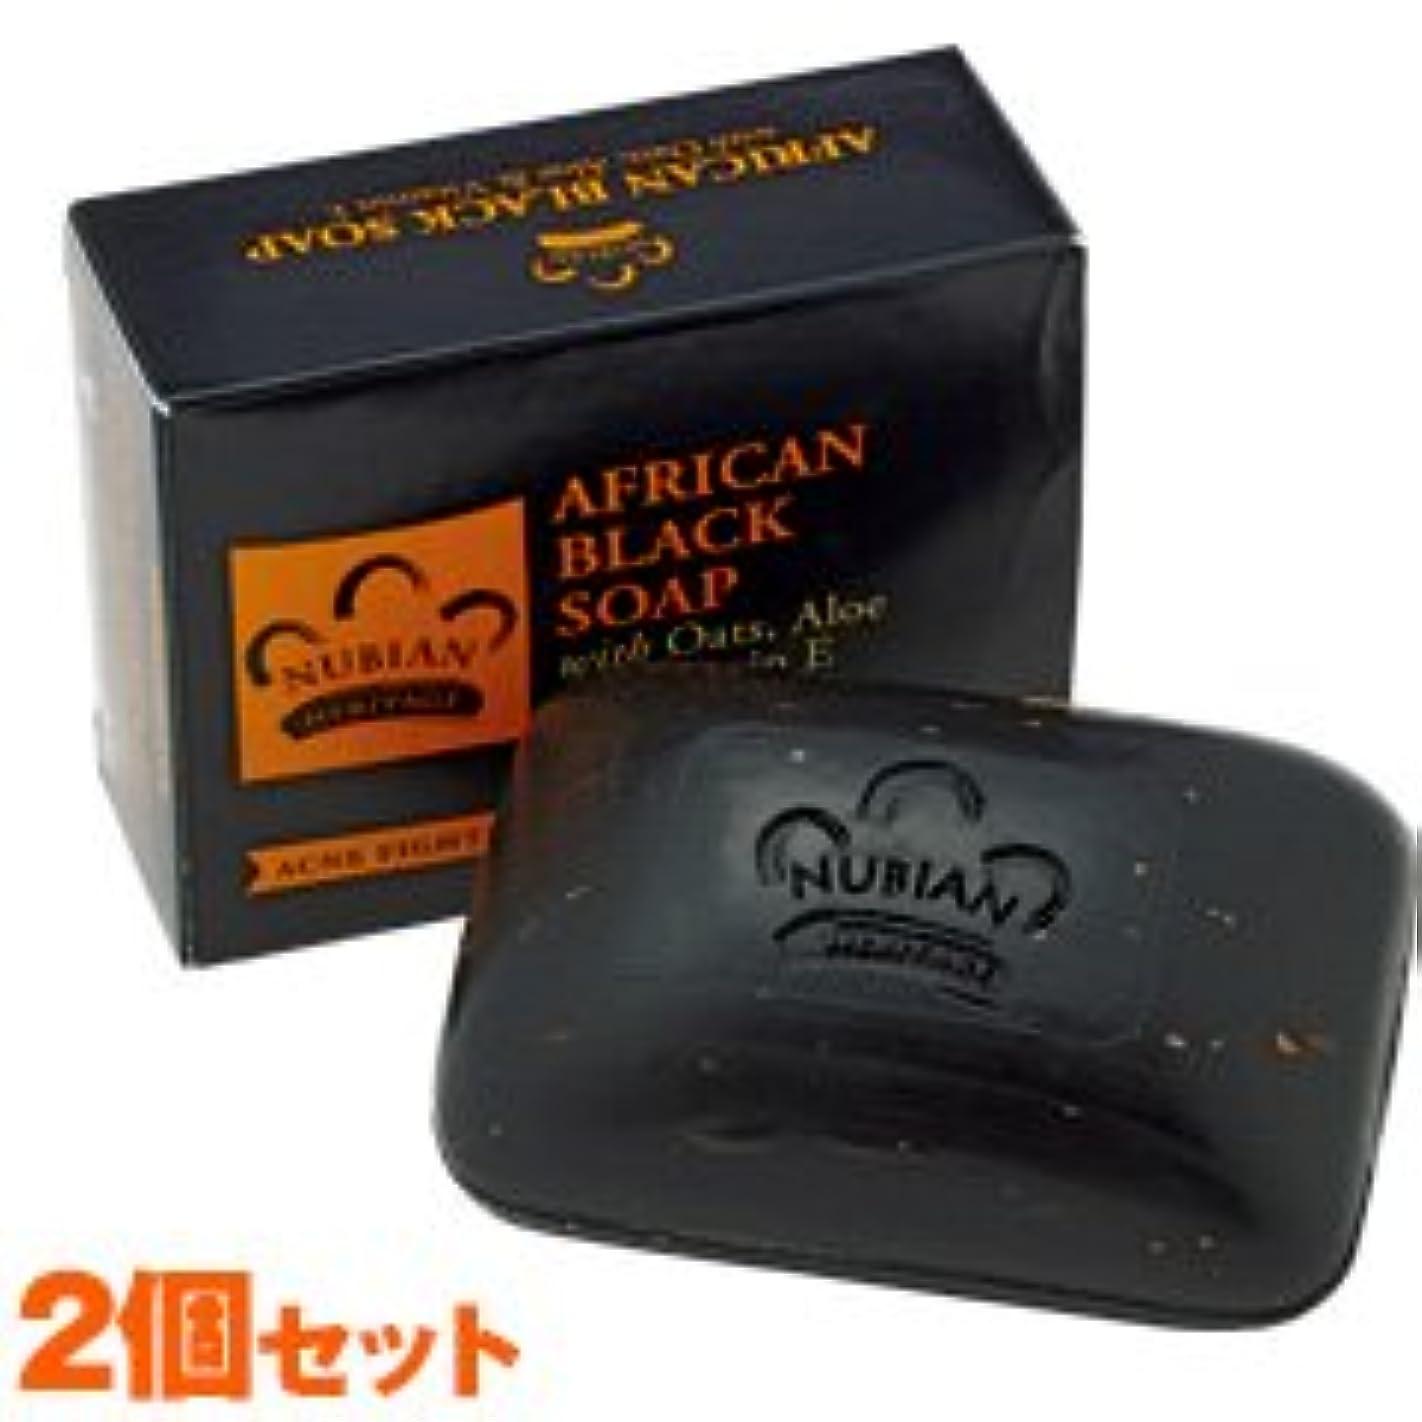 苦いショートカット広くヌビアン ヘリテージ(NUBIAN HERITAGE)アフリカン ブラック ソープバー 2個セット 141gX2[並行輸入品][海外直送品]